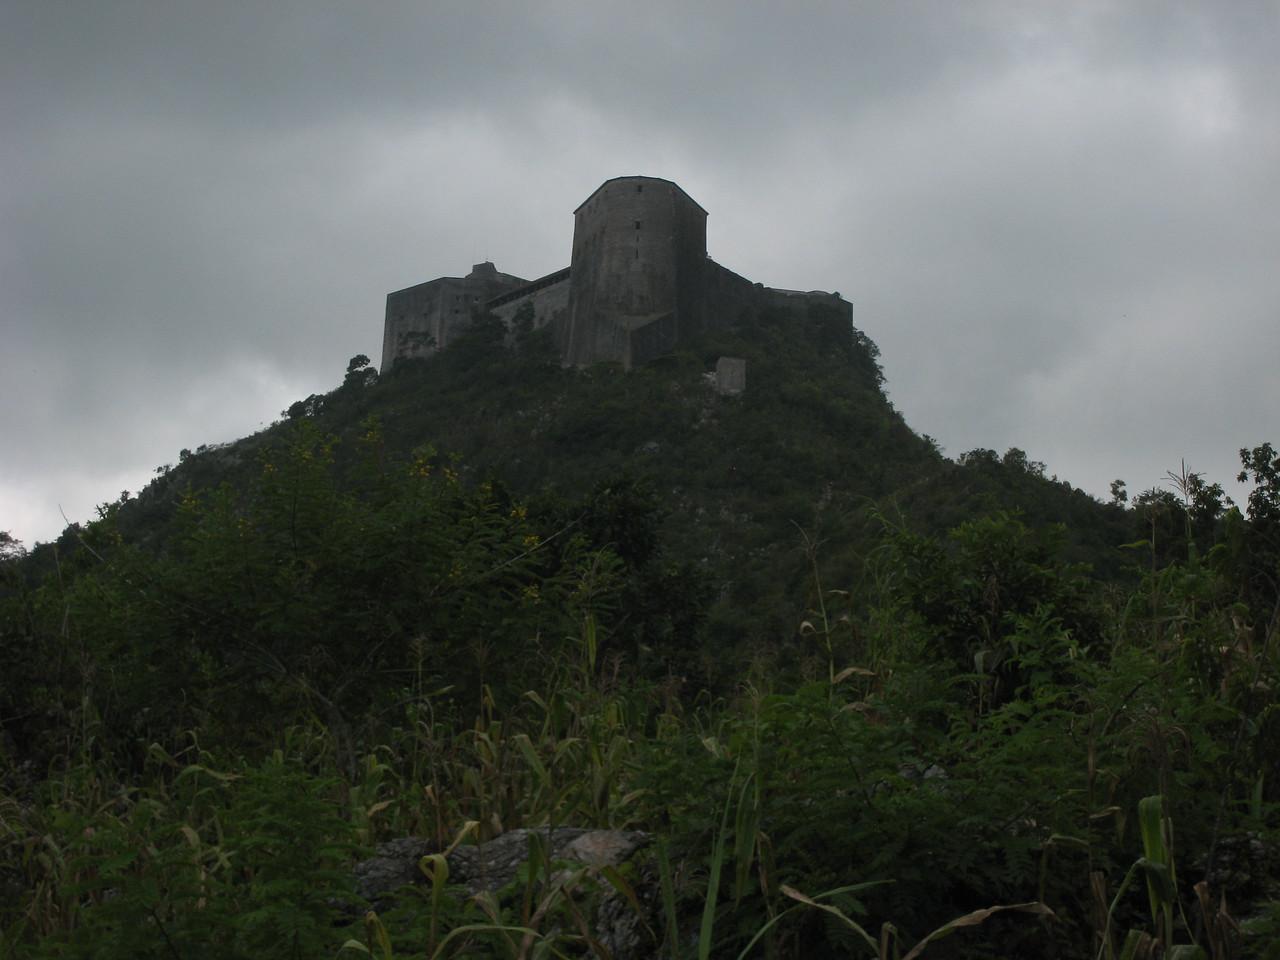 A view of La Citadel